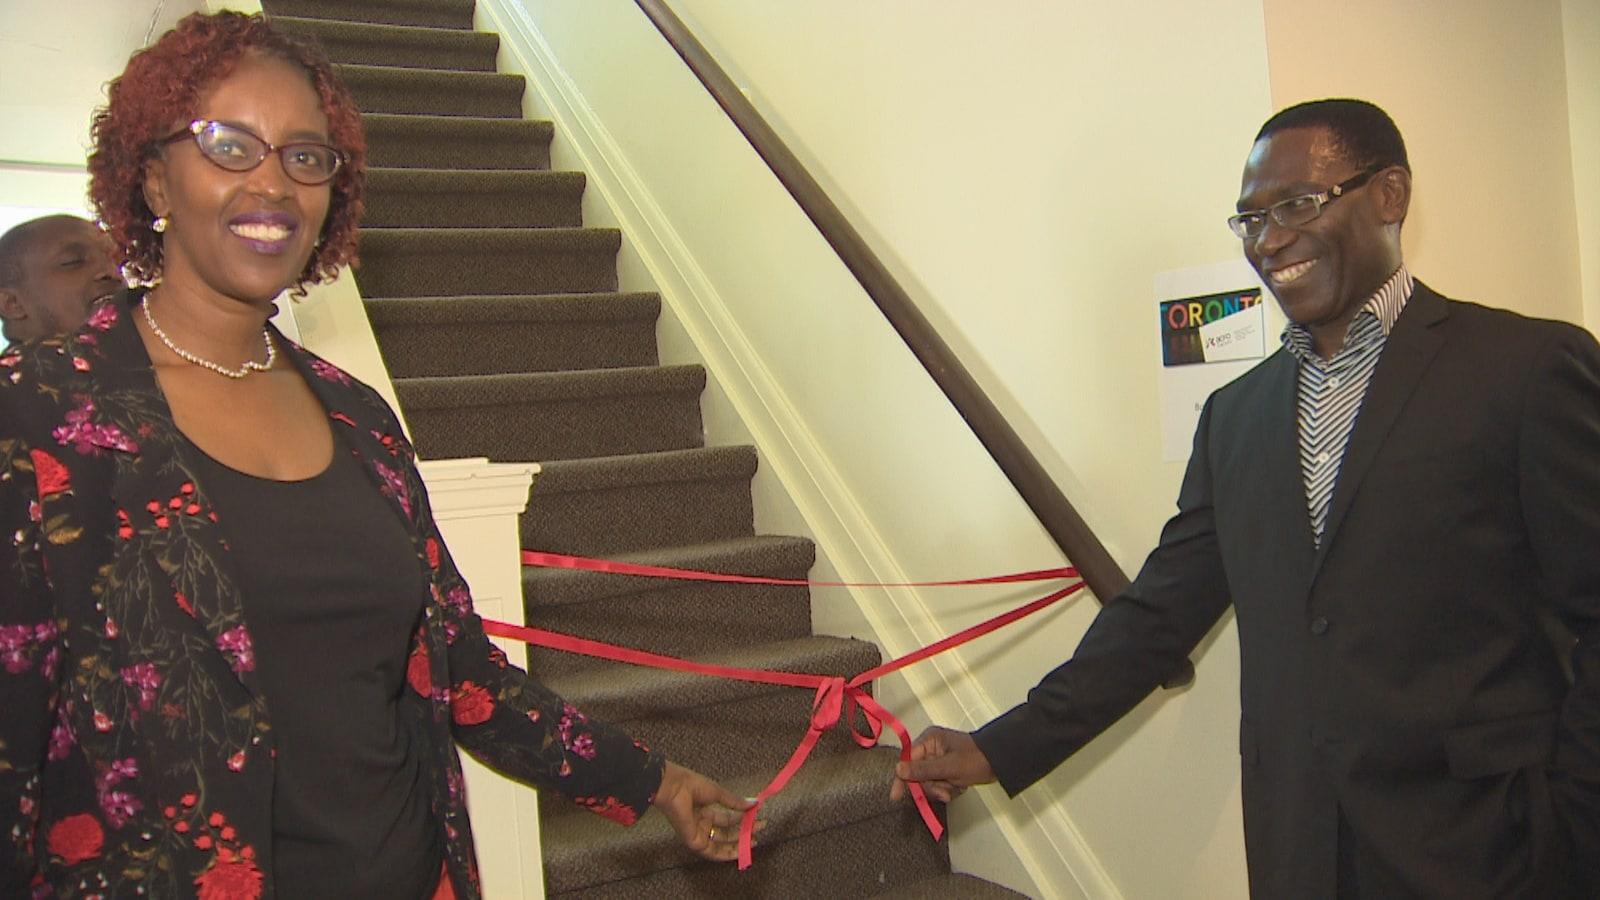 Deux personnes tiennent un ruban d'inauguration.